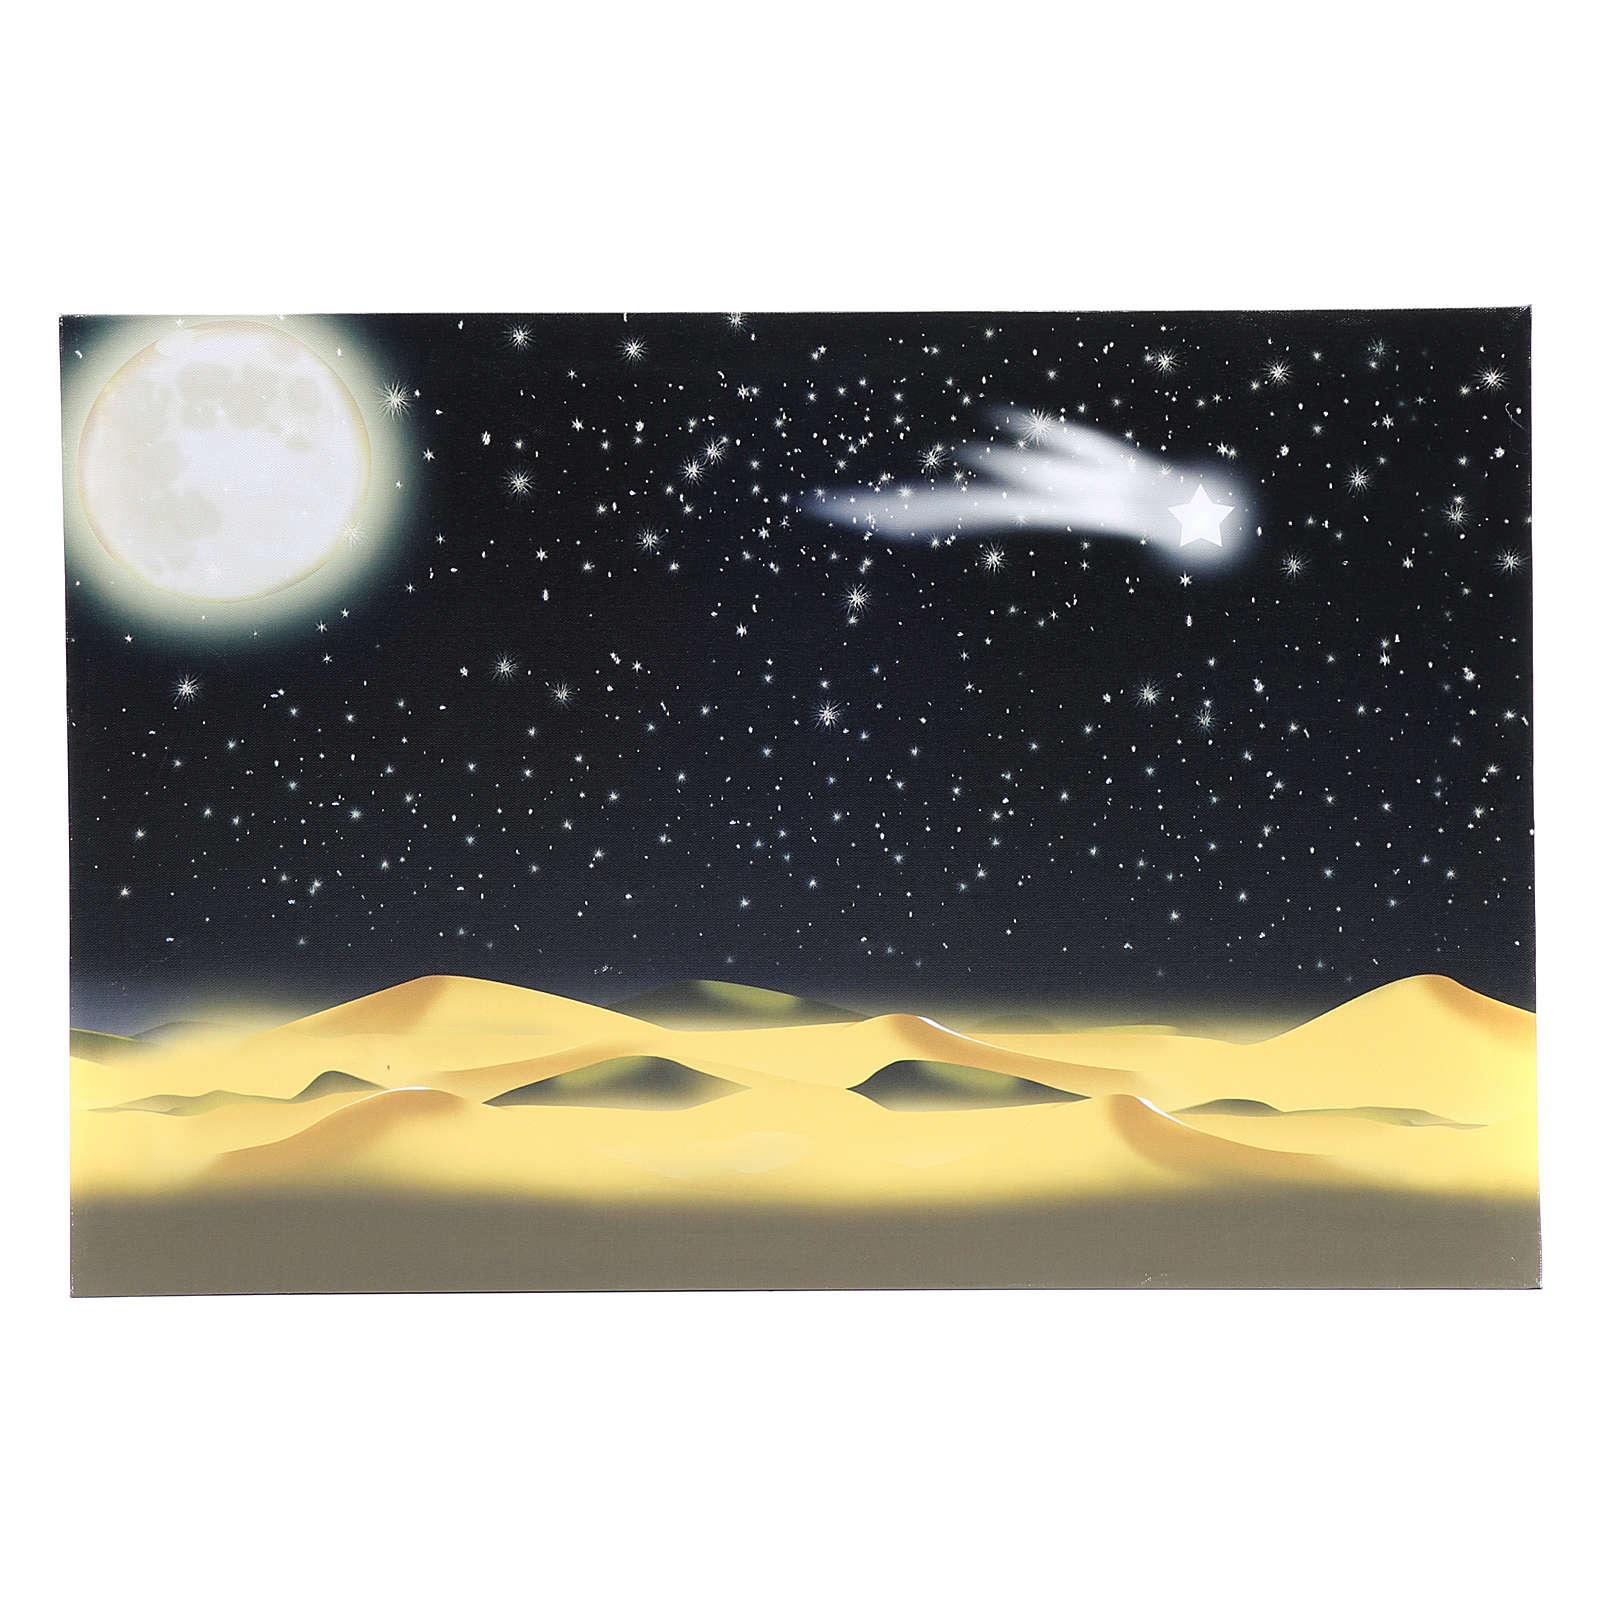 Plano de fundo lua e céu estrelado iluminado LED 40x60 cm 4